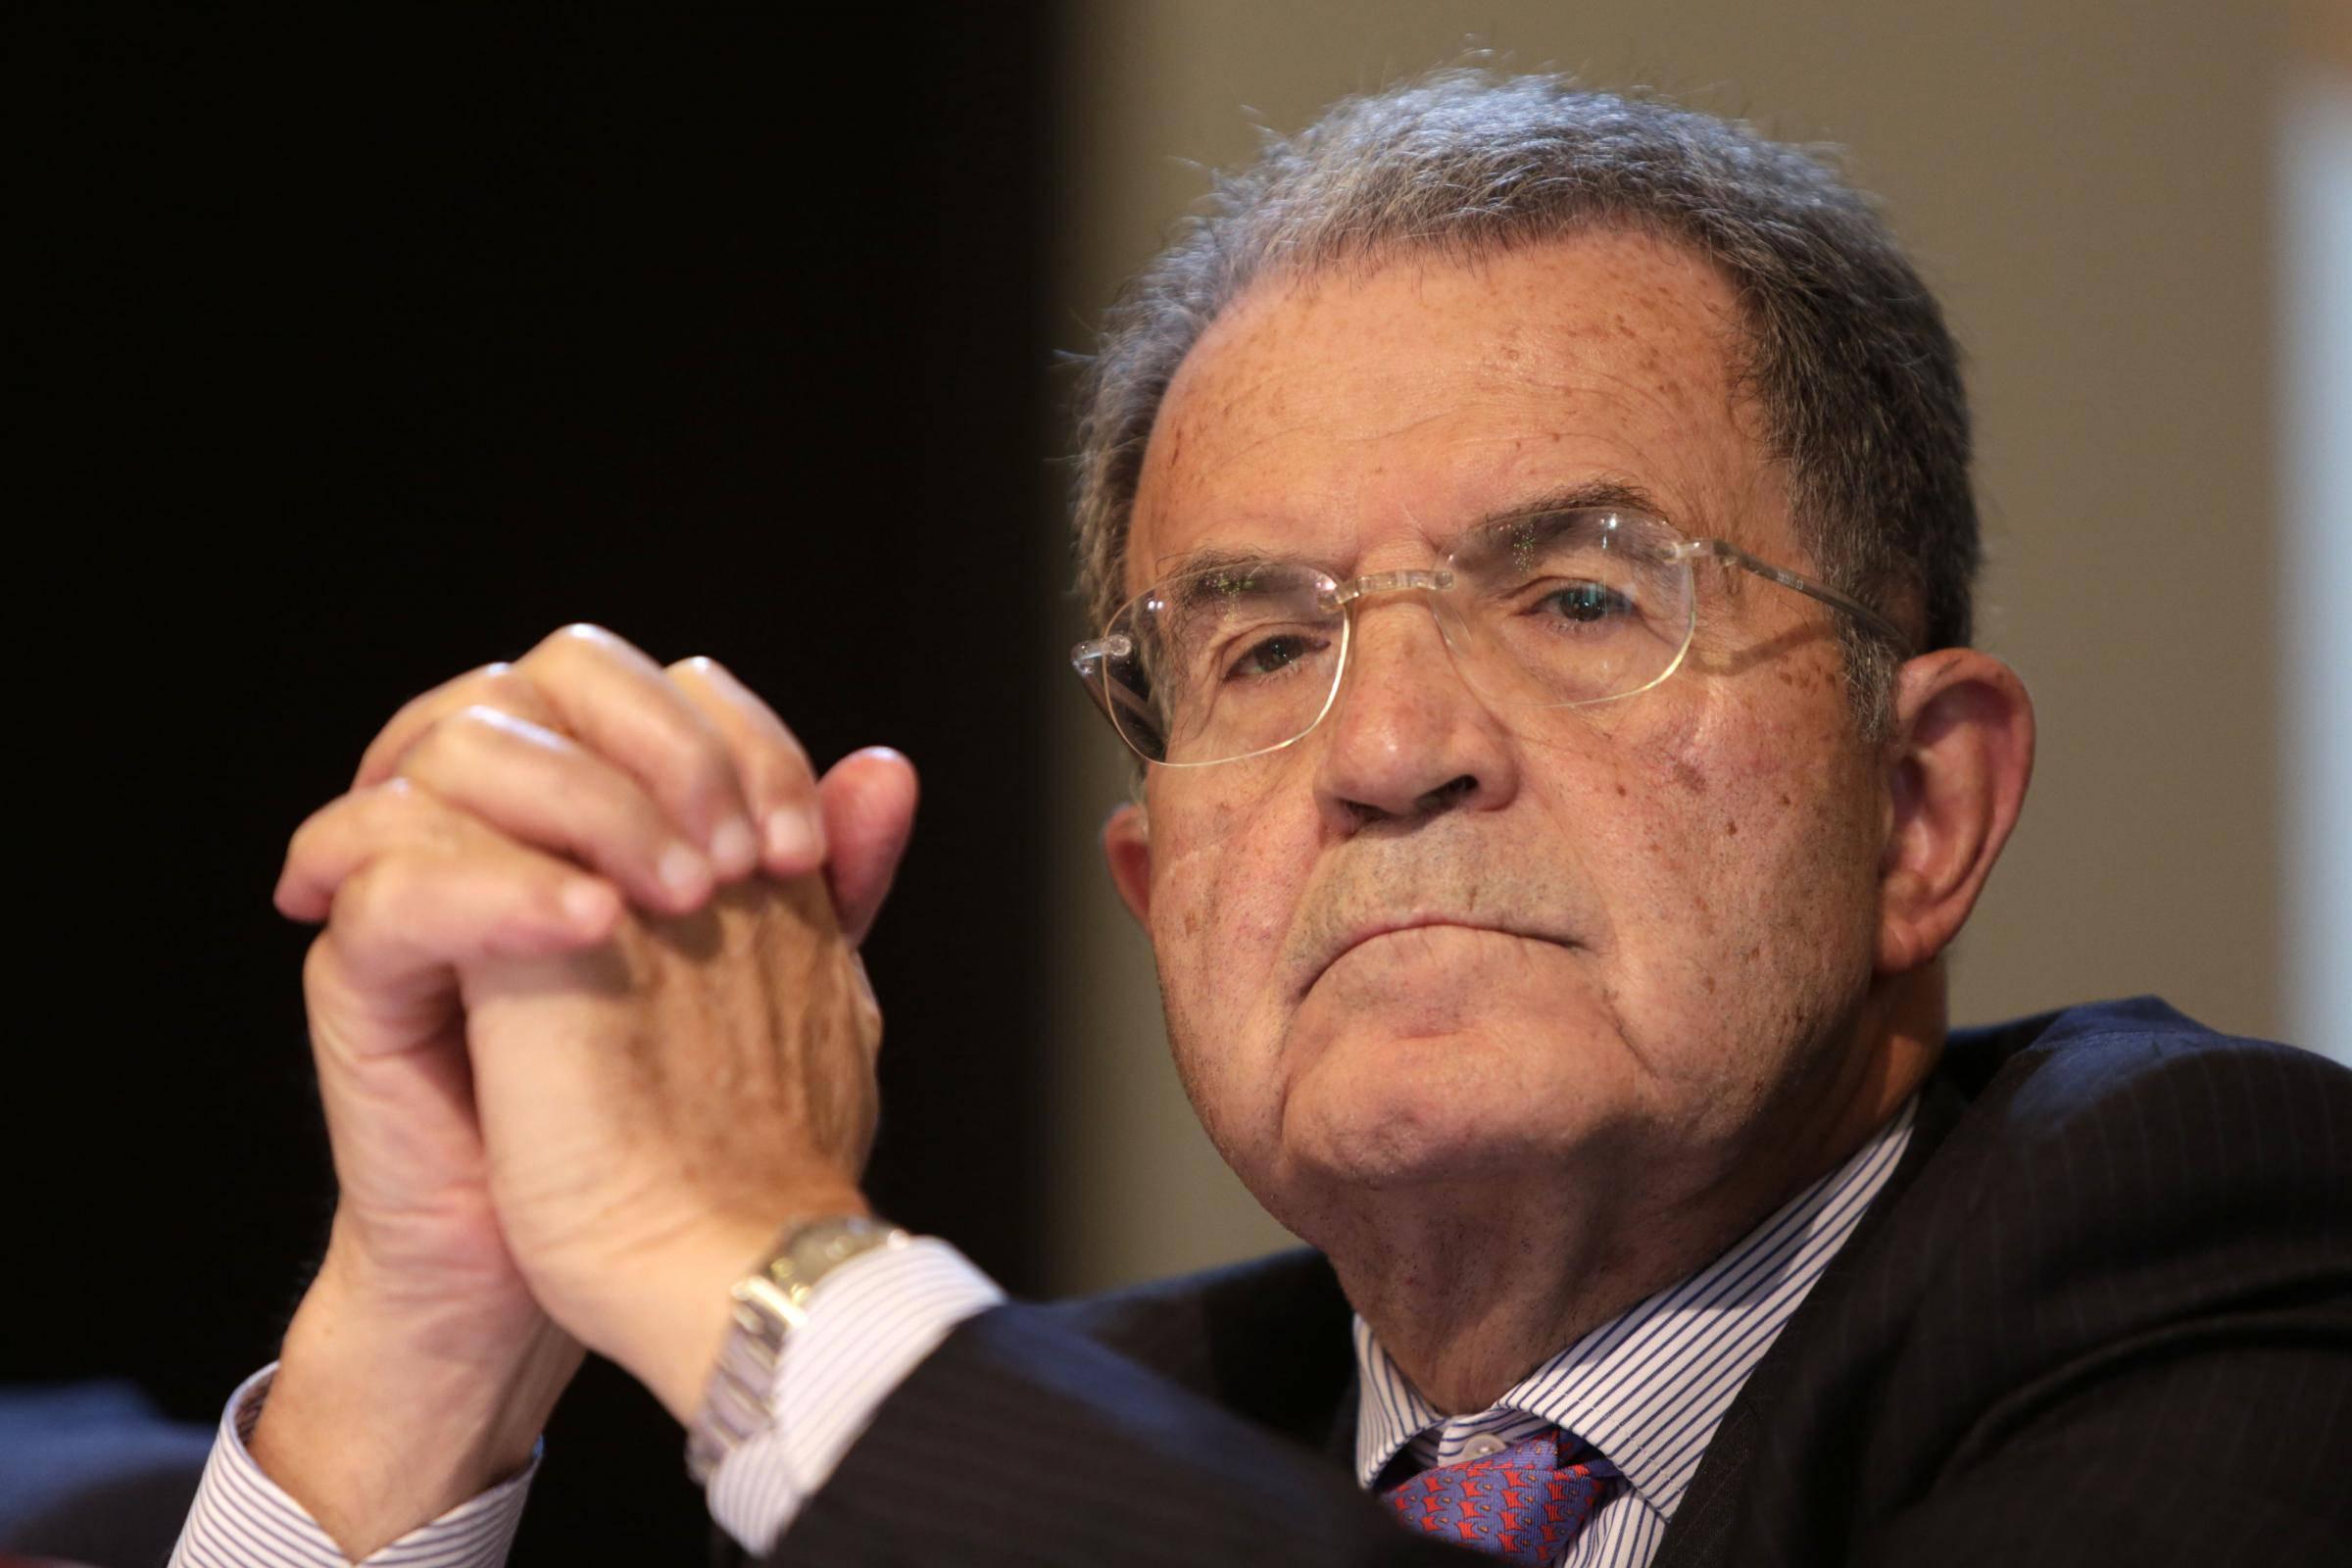 Prodi attacca Confindustria